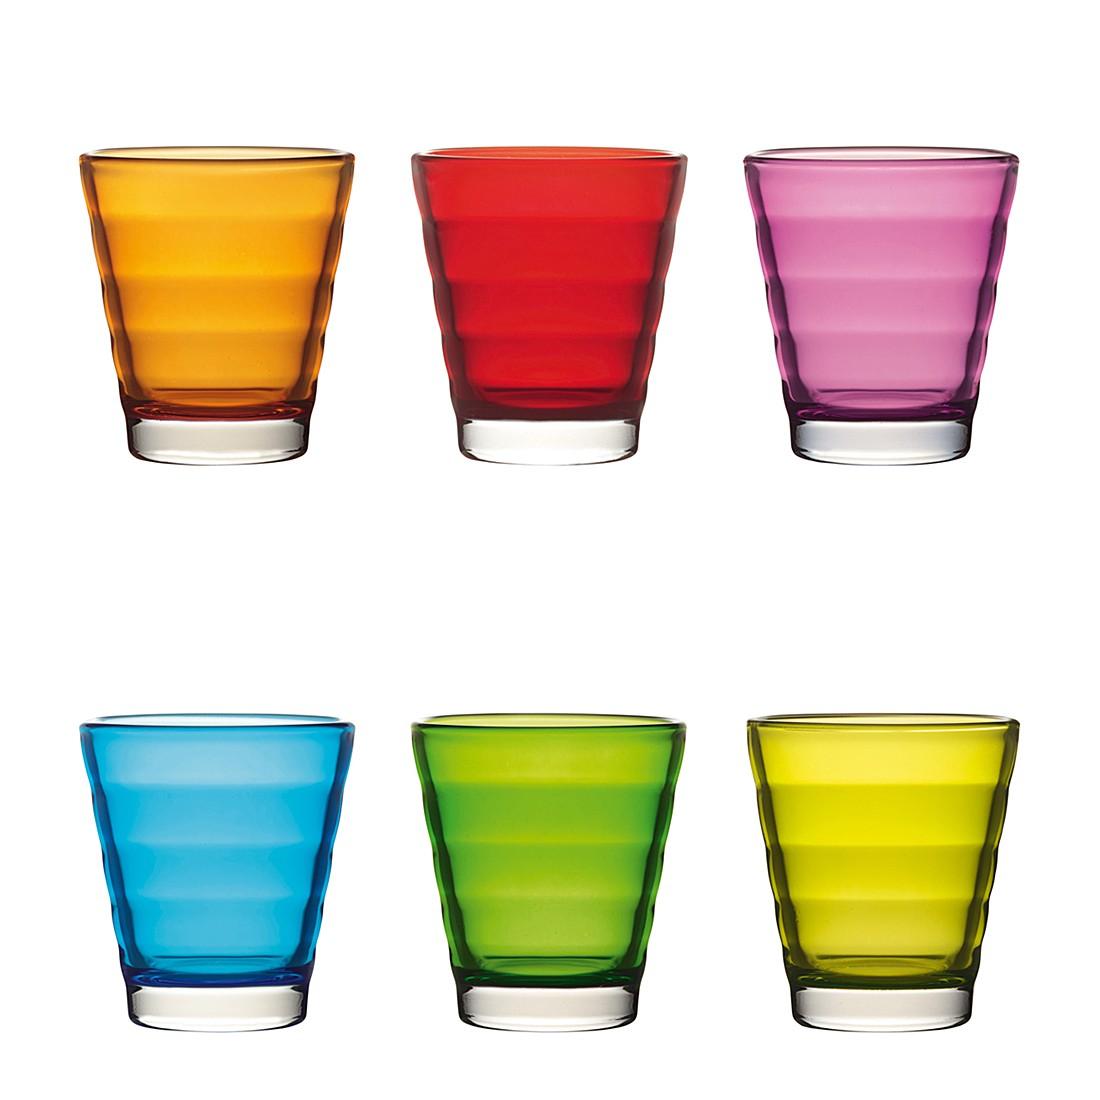 Whiskybecher Wave (6er-Set) – Farbig sortiert, Leonardo online kaufen